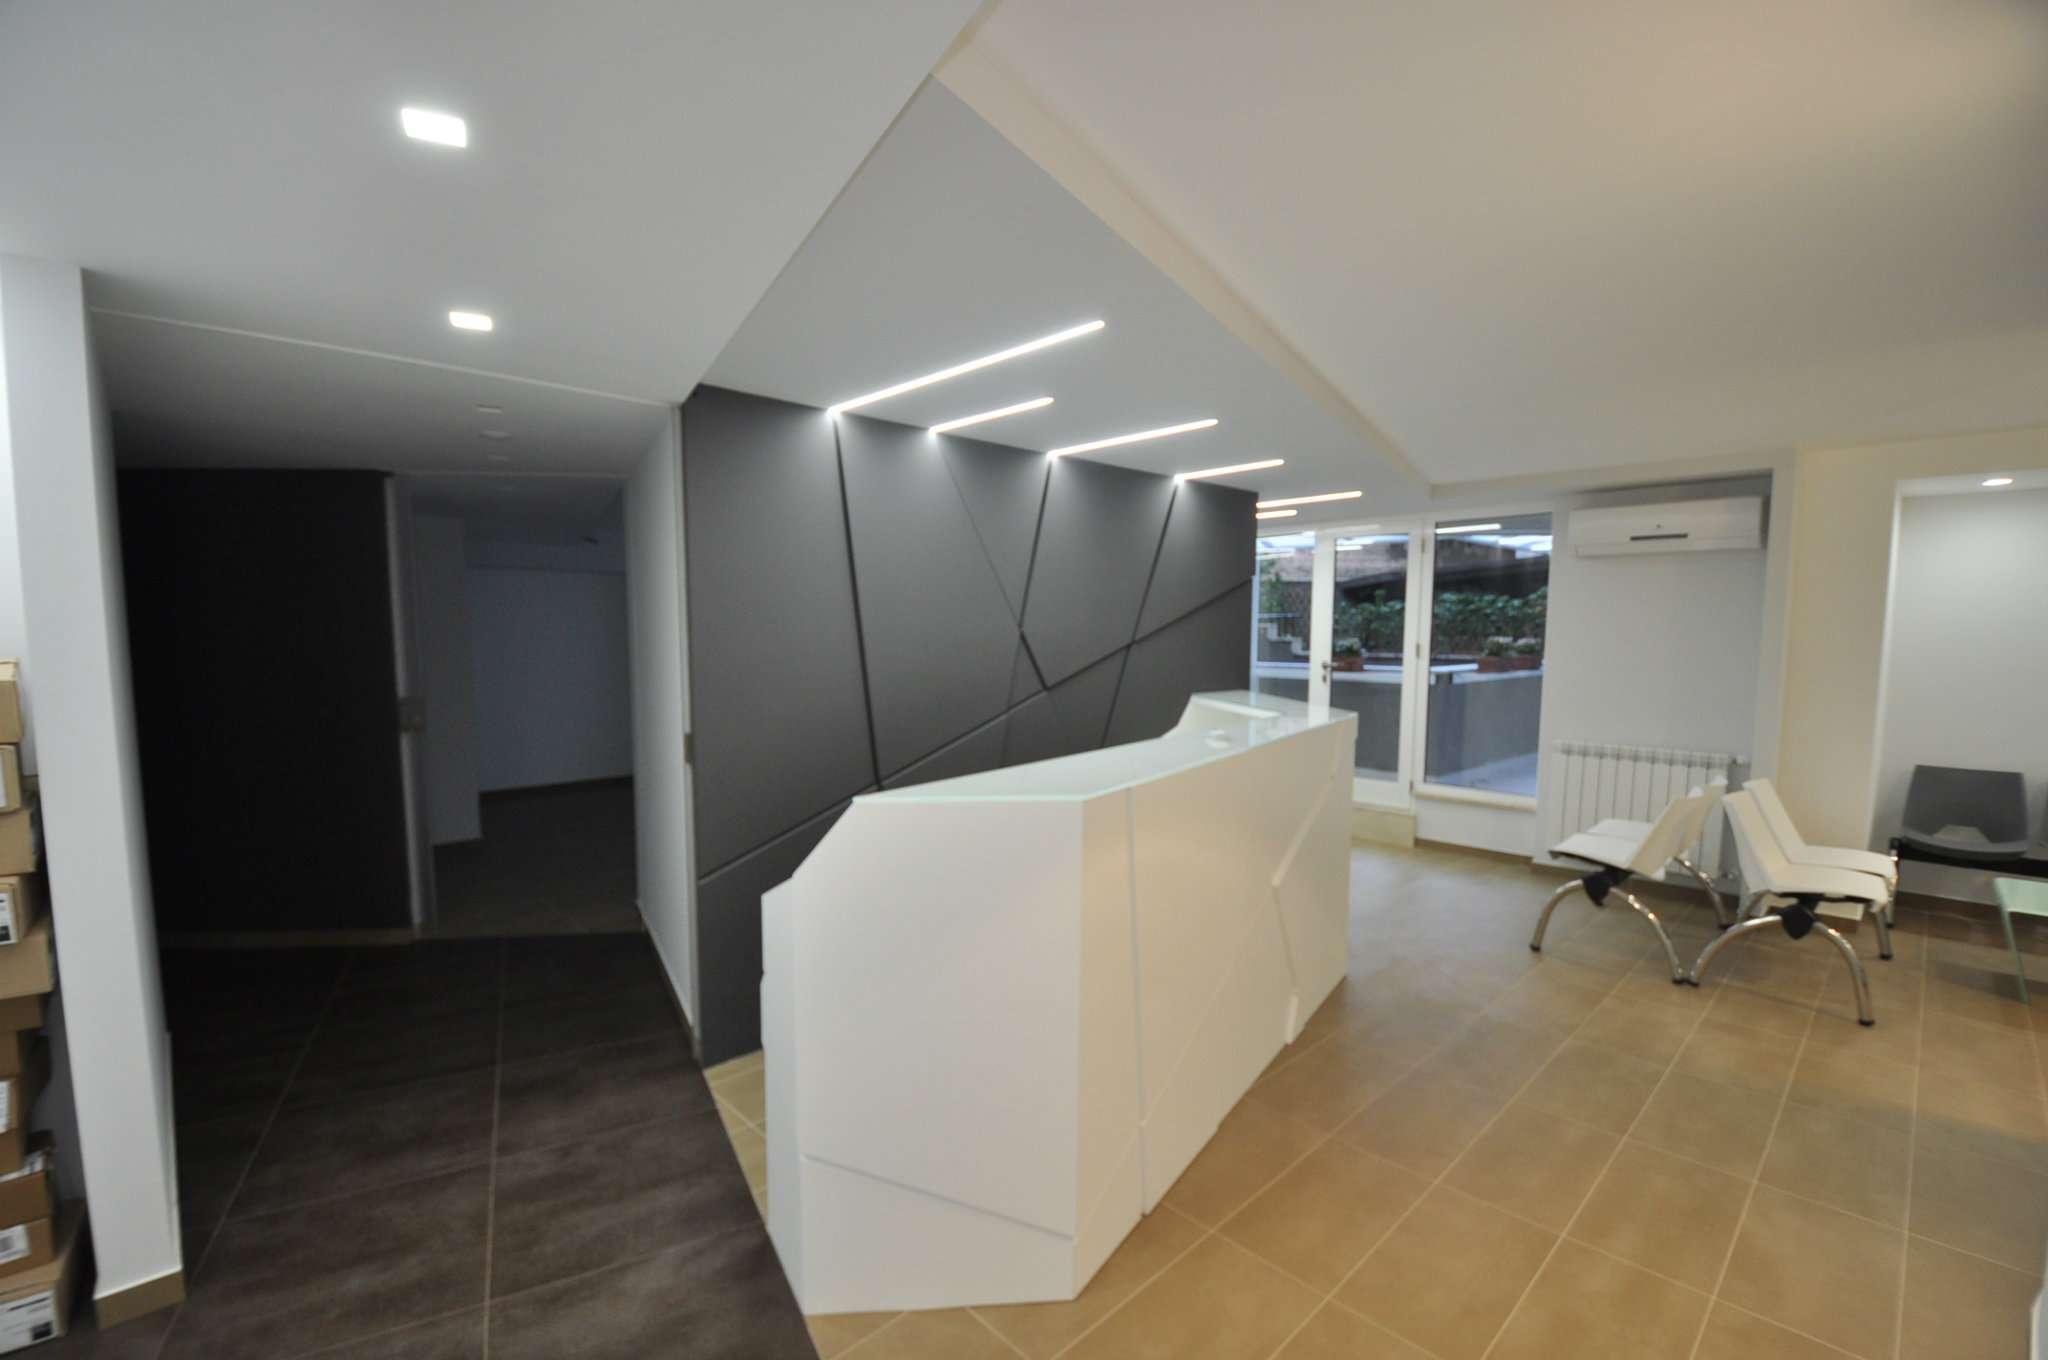 Ufficio-studio in Vendita a Palermo: 5 locali, 180 mq